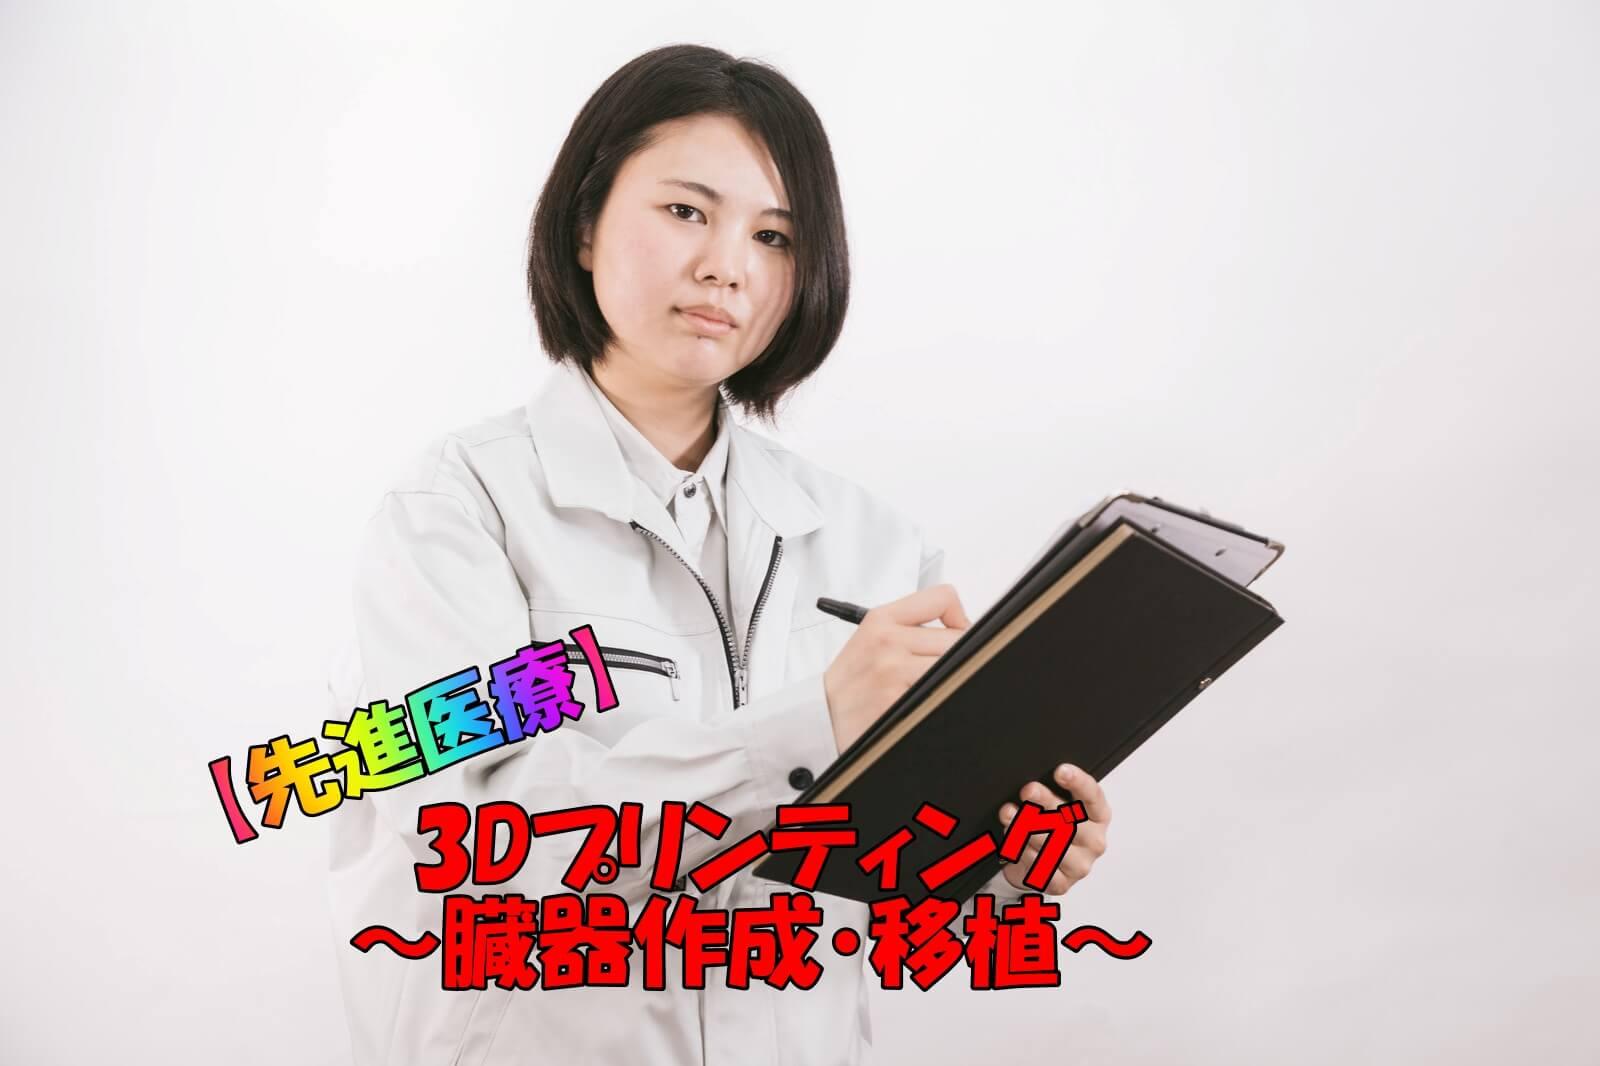 【先行医療】臓器作成・移植(3Dプリンティング)~近未来編~